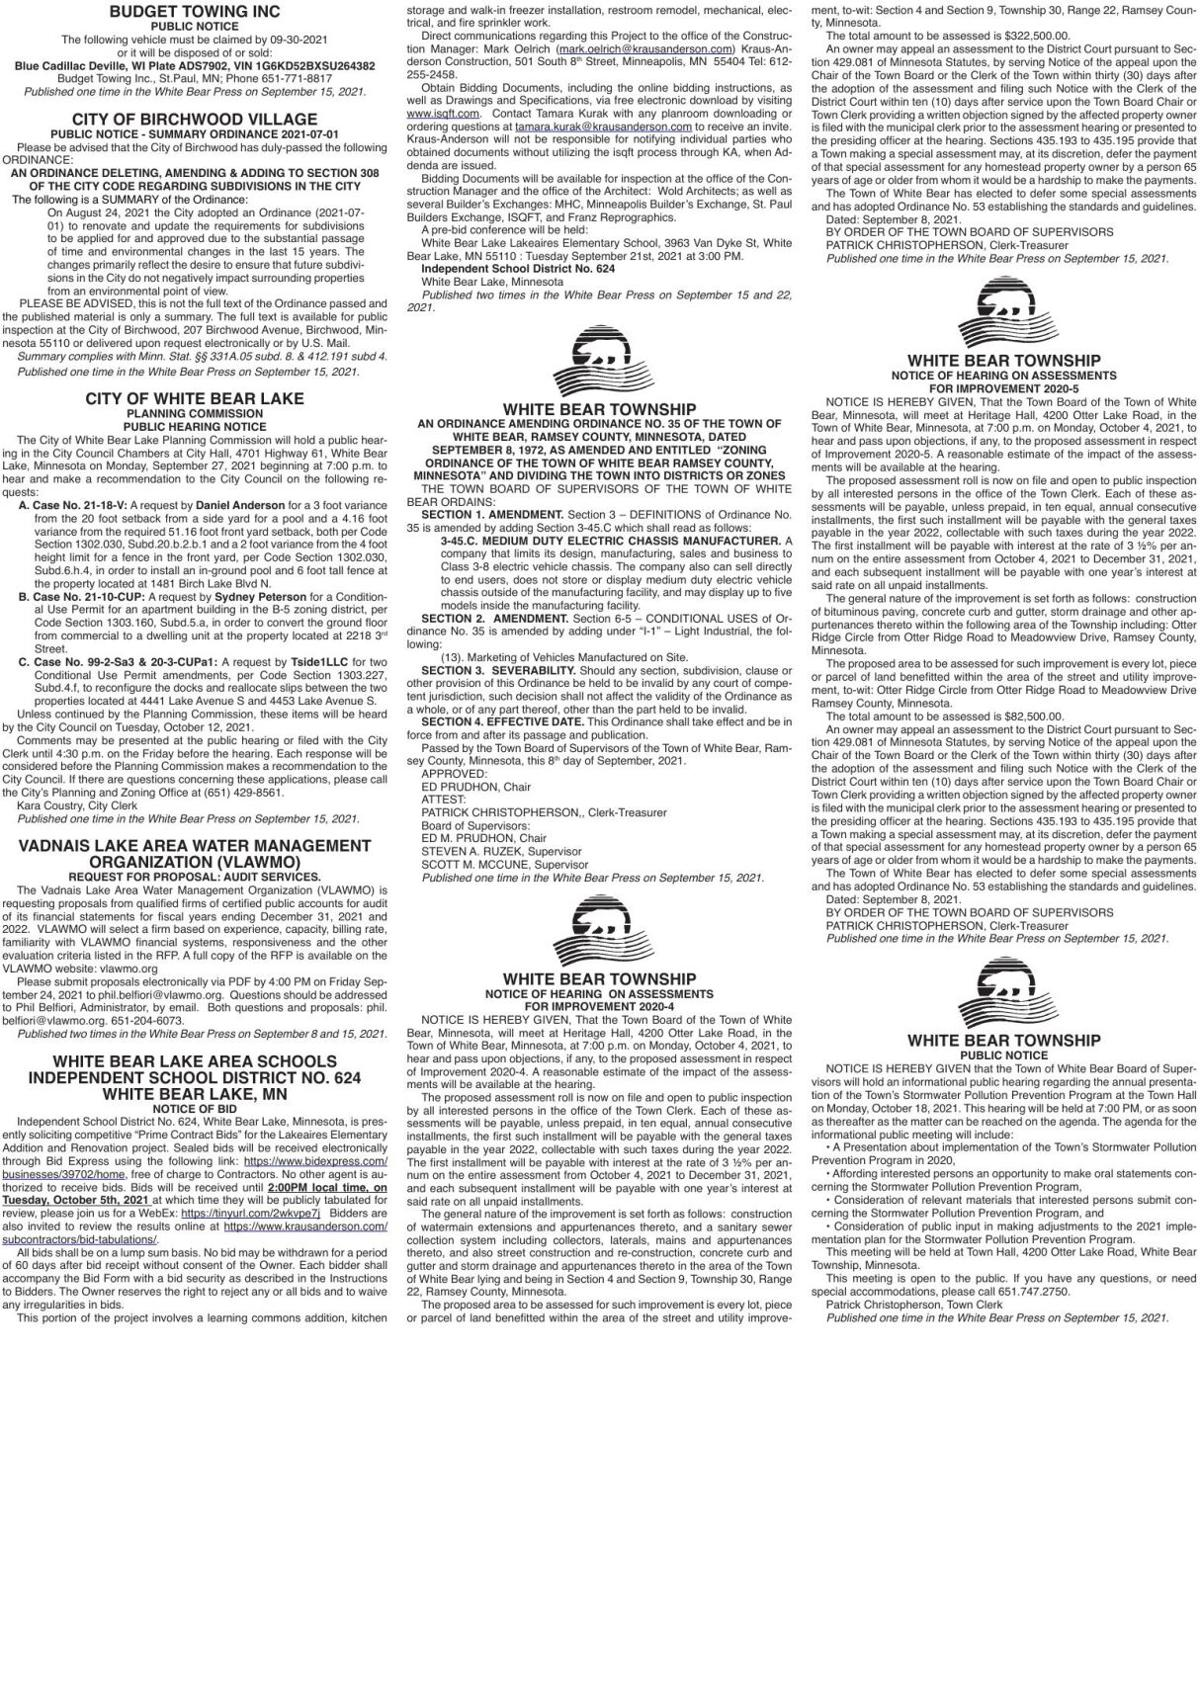 Legals WB 9-15-21